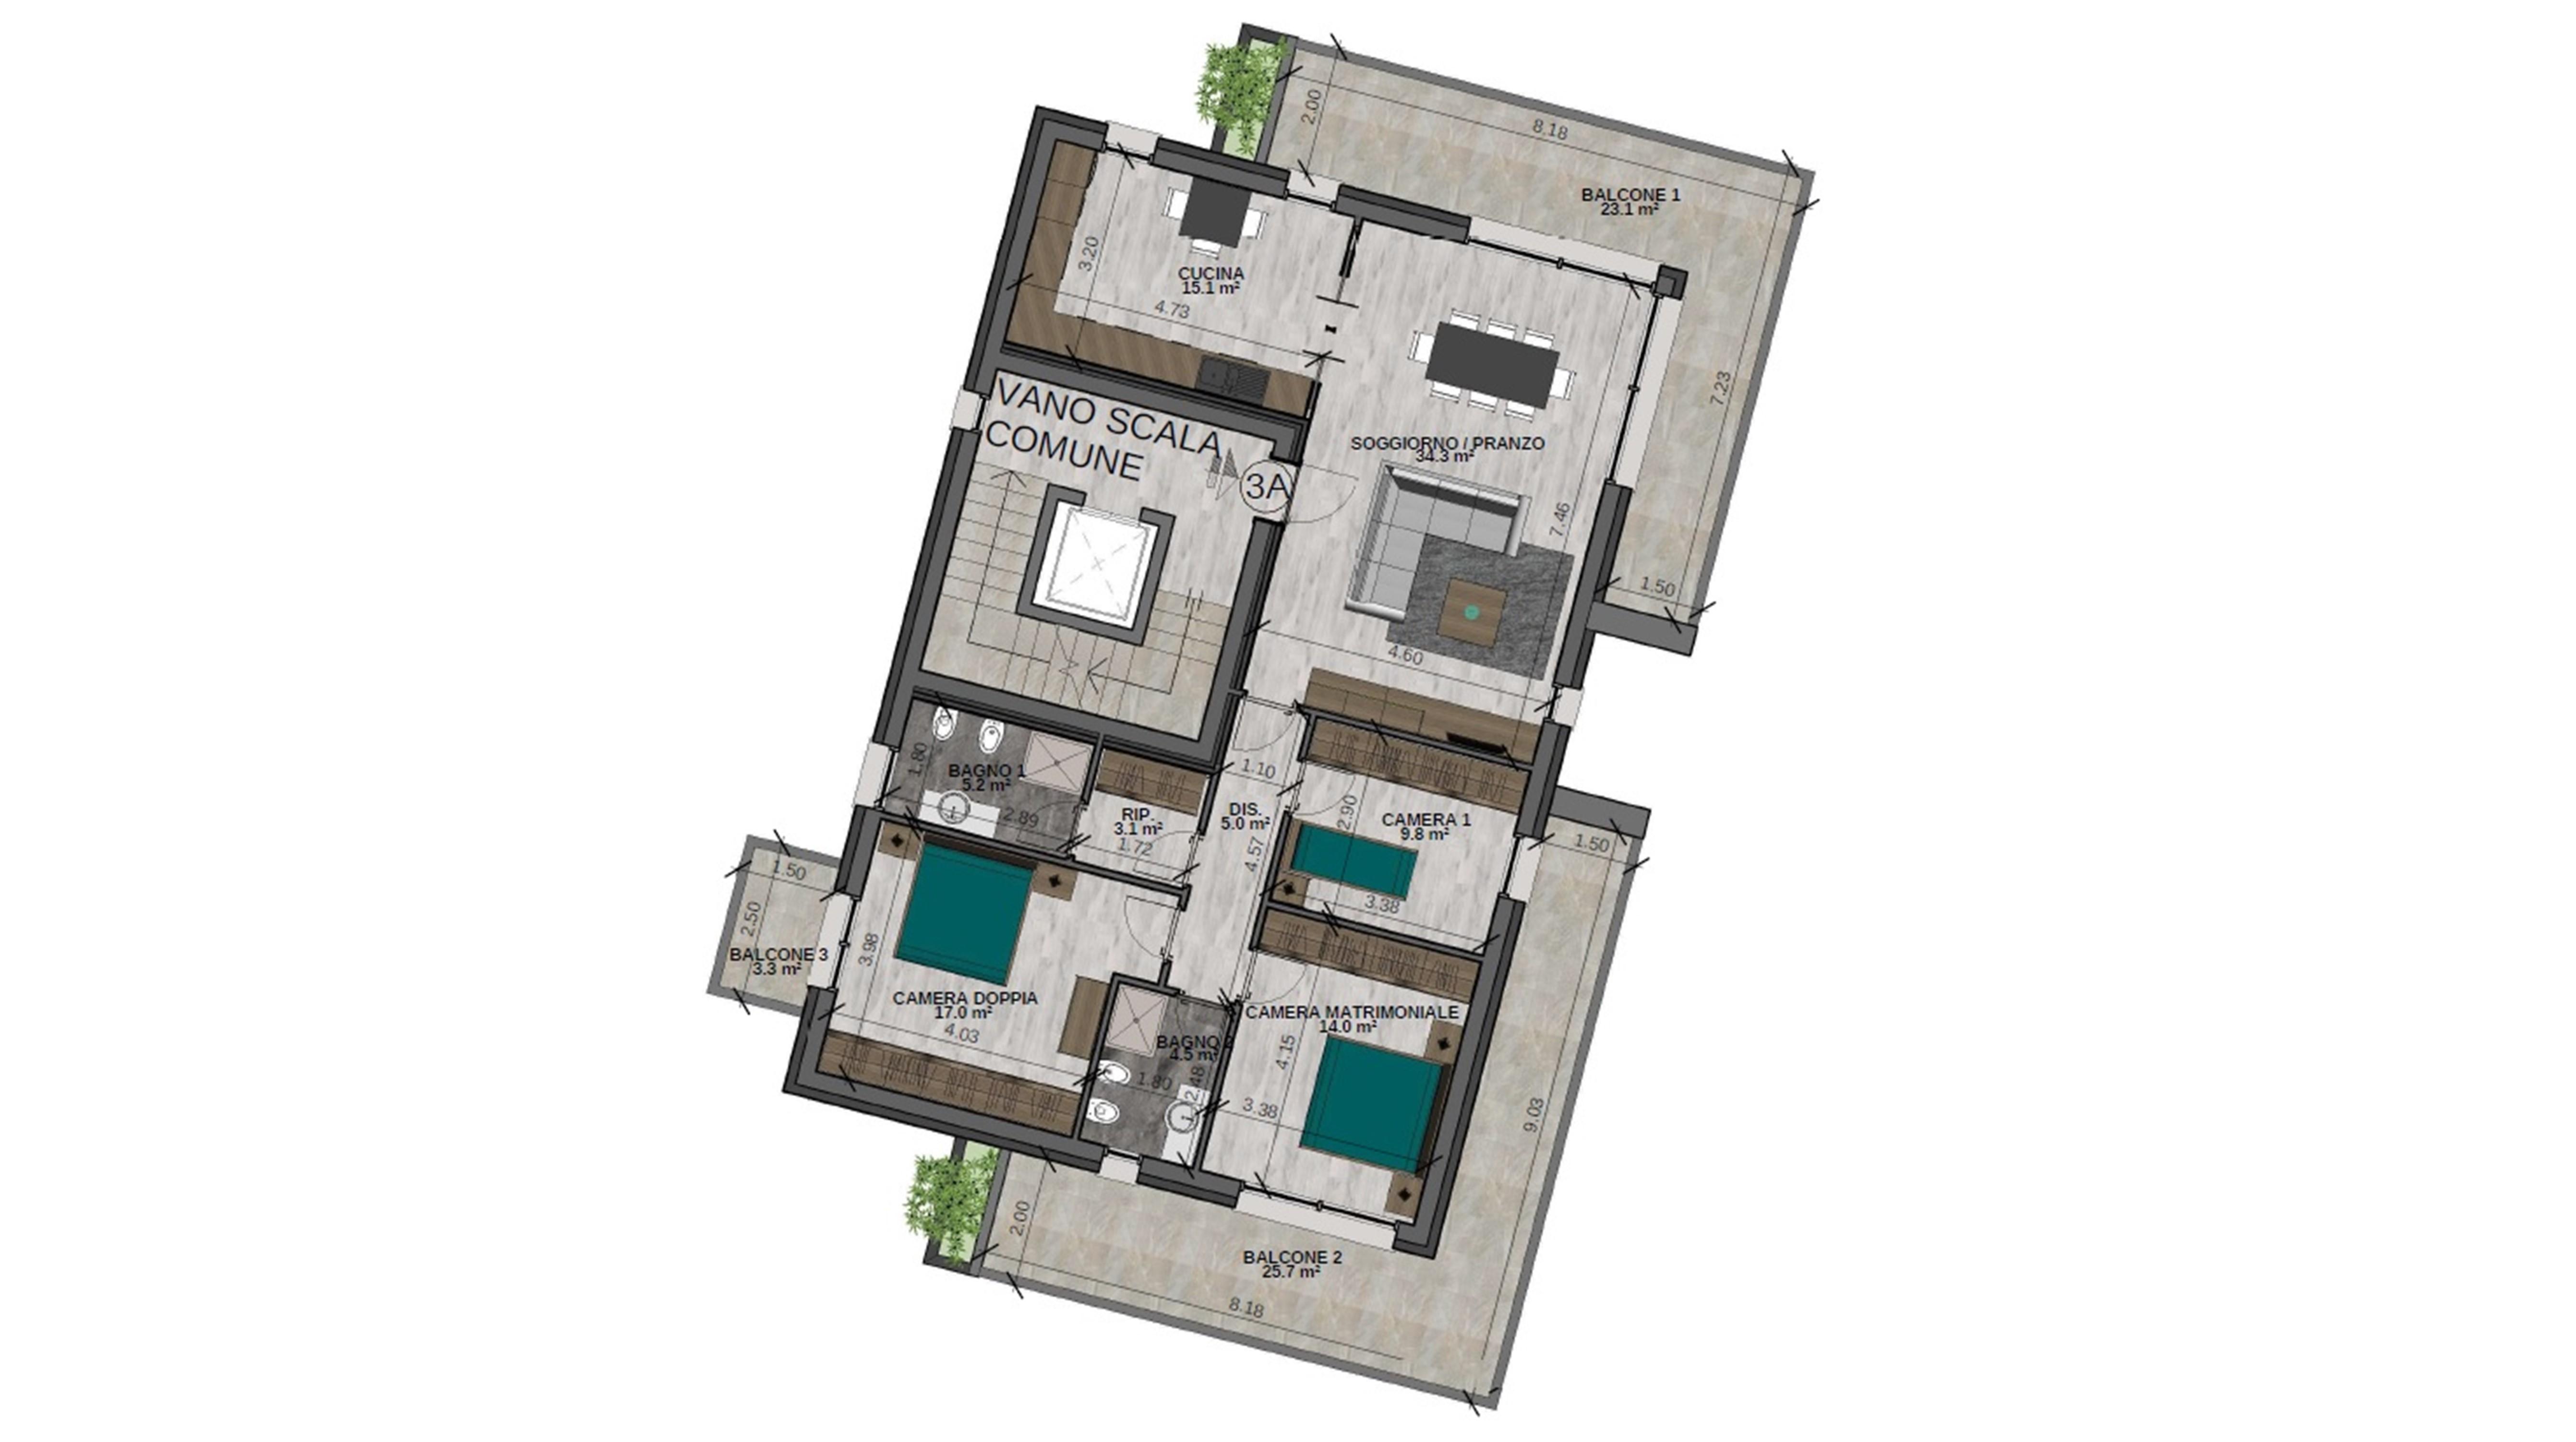 Quadrilocale 3A Piano Terzo - Sup. comm. 161 mq - 560.000 €